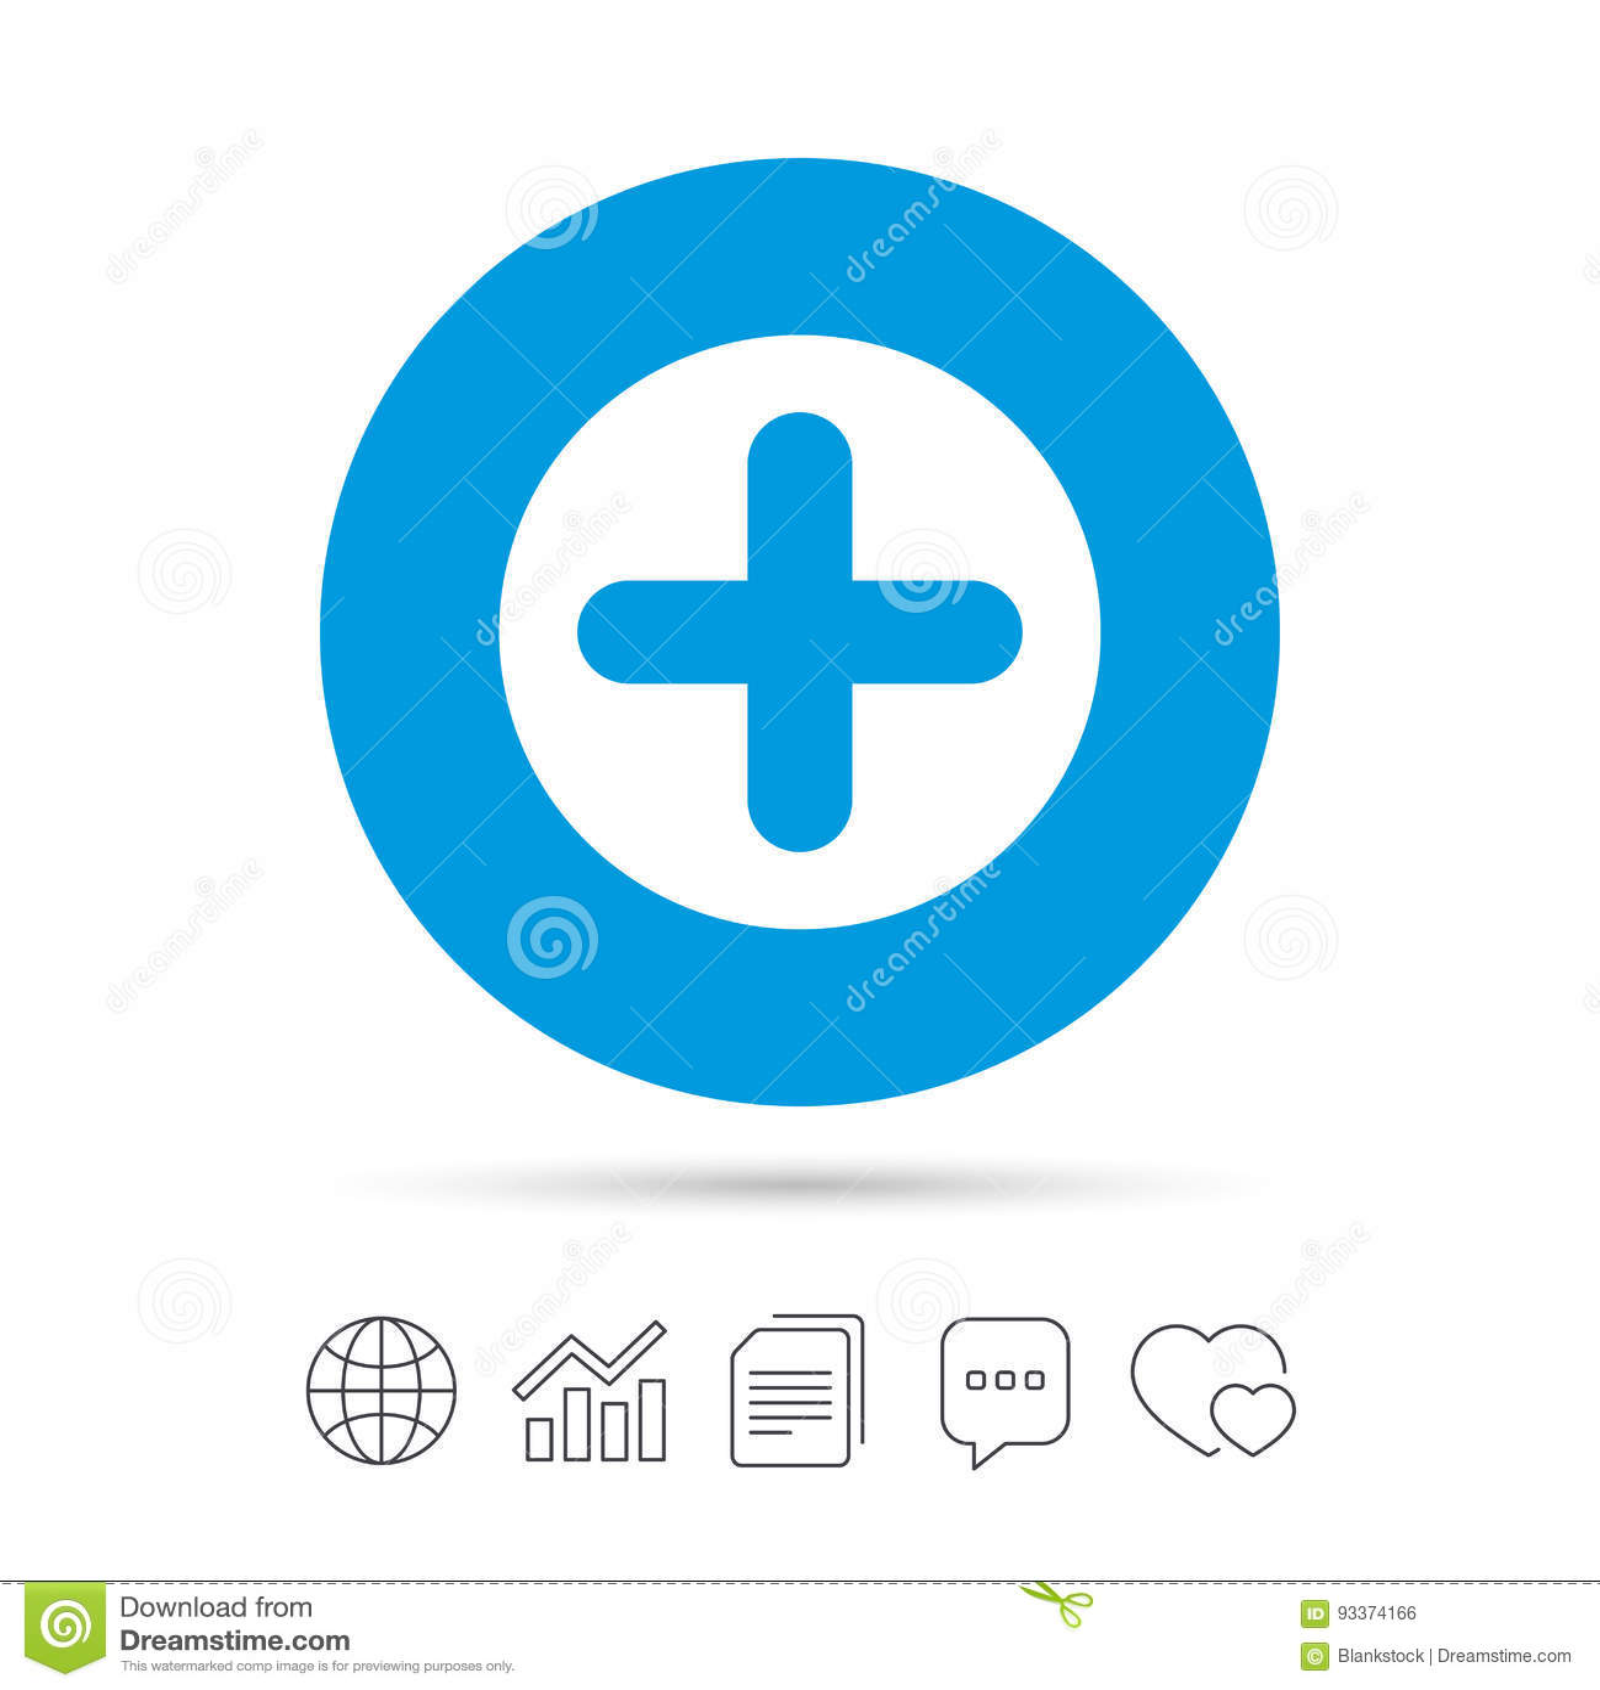 Icono Del Signo Más Símbolo Positivo Ilustración del Vector ...